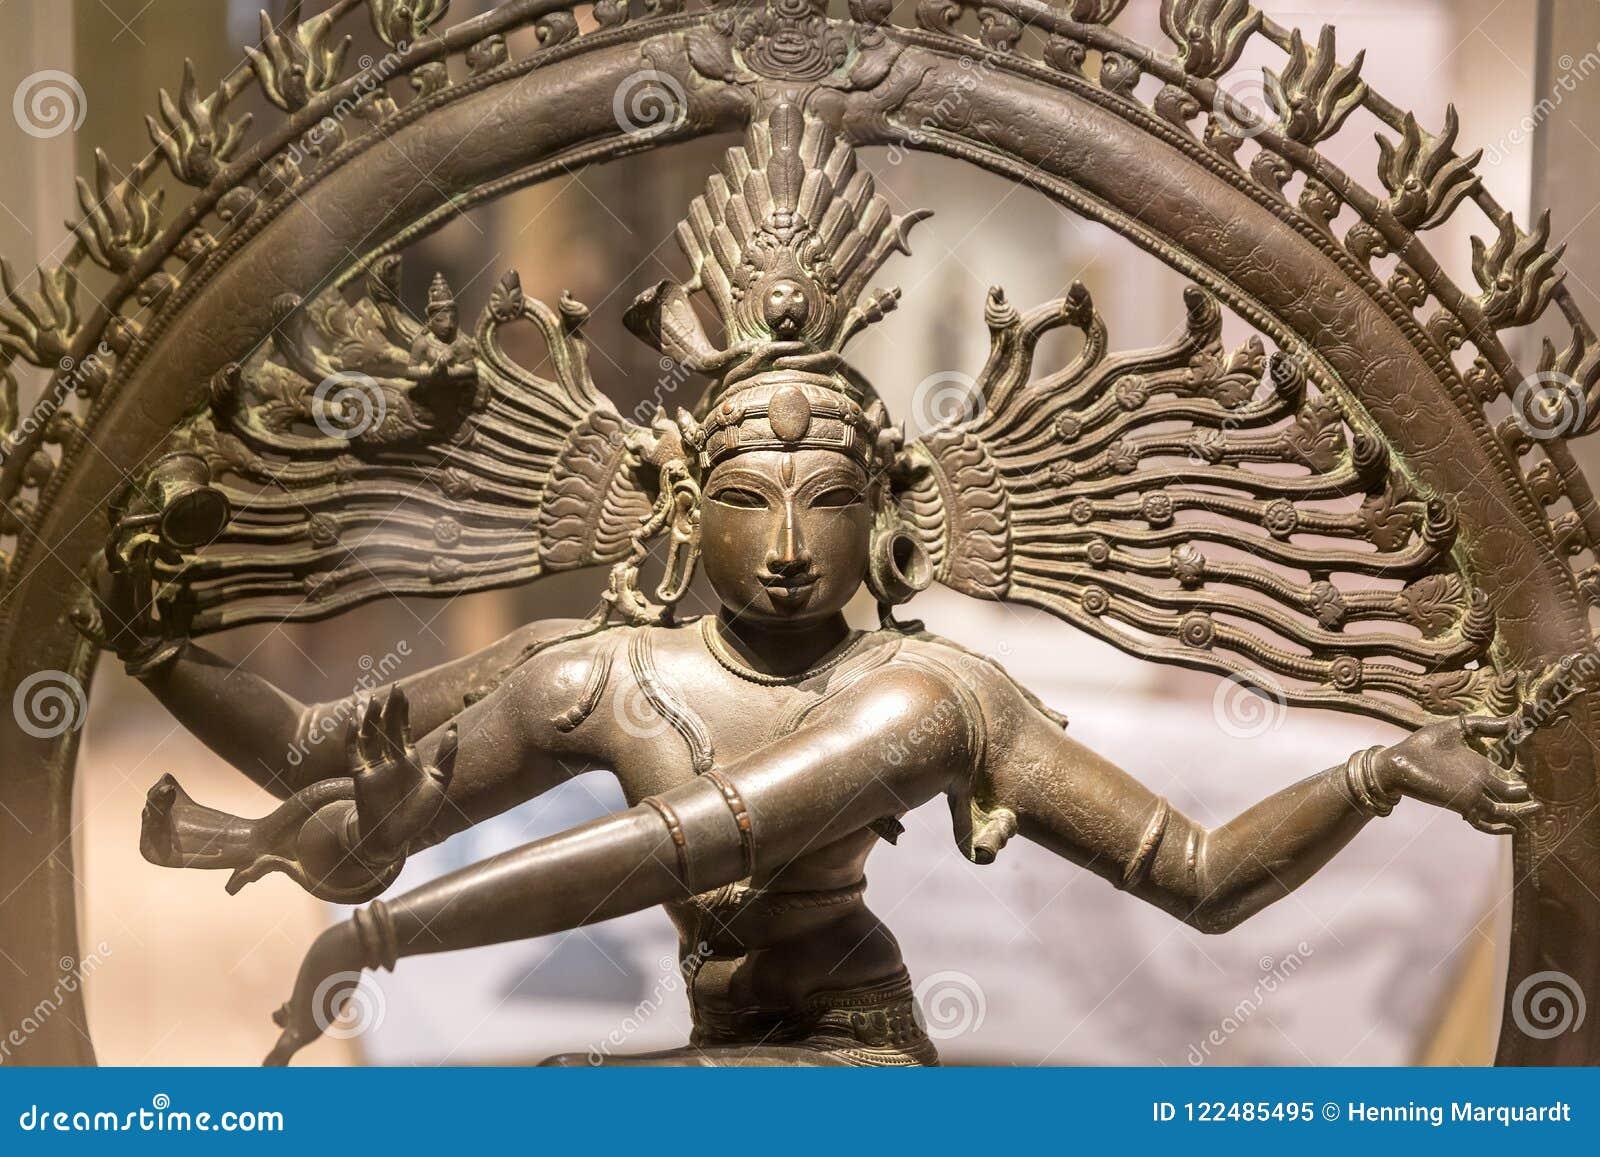 Nataraja雕塑,舞蹈的新德里,印度阁下,